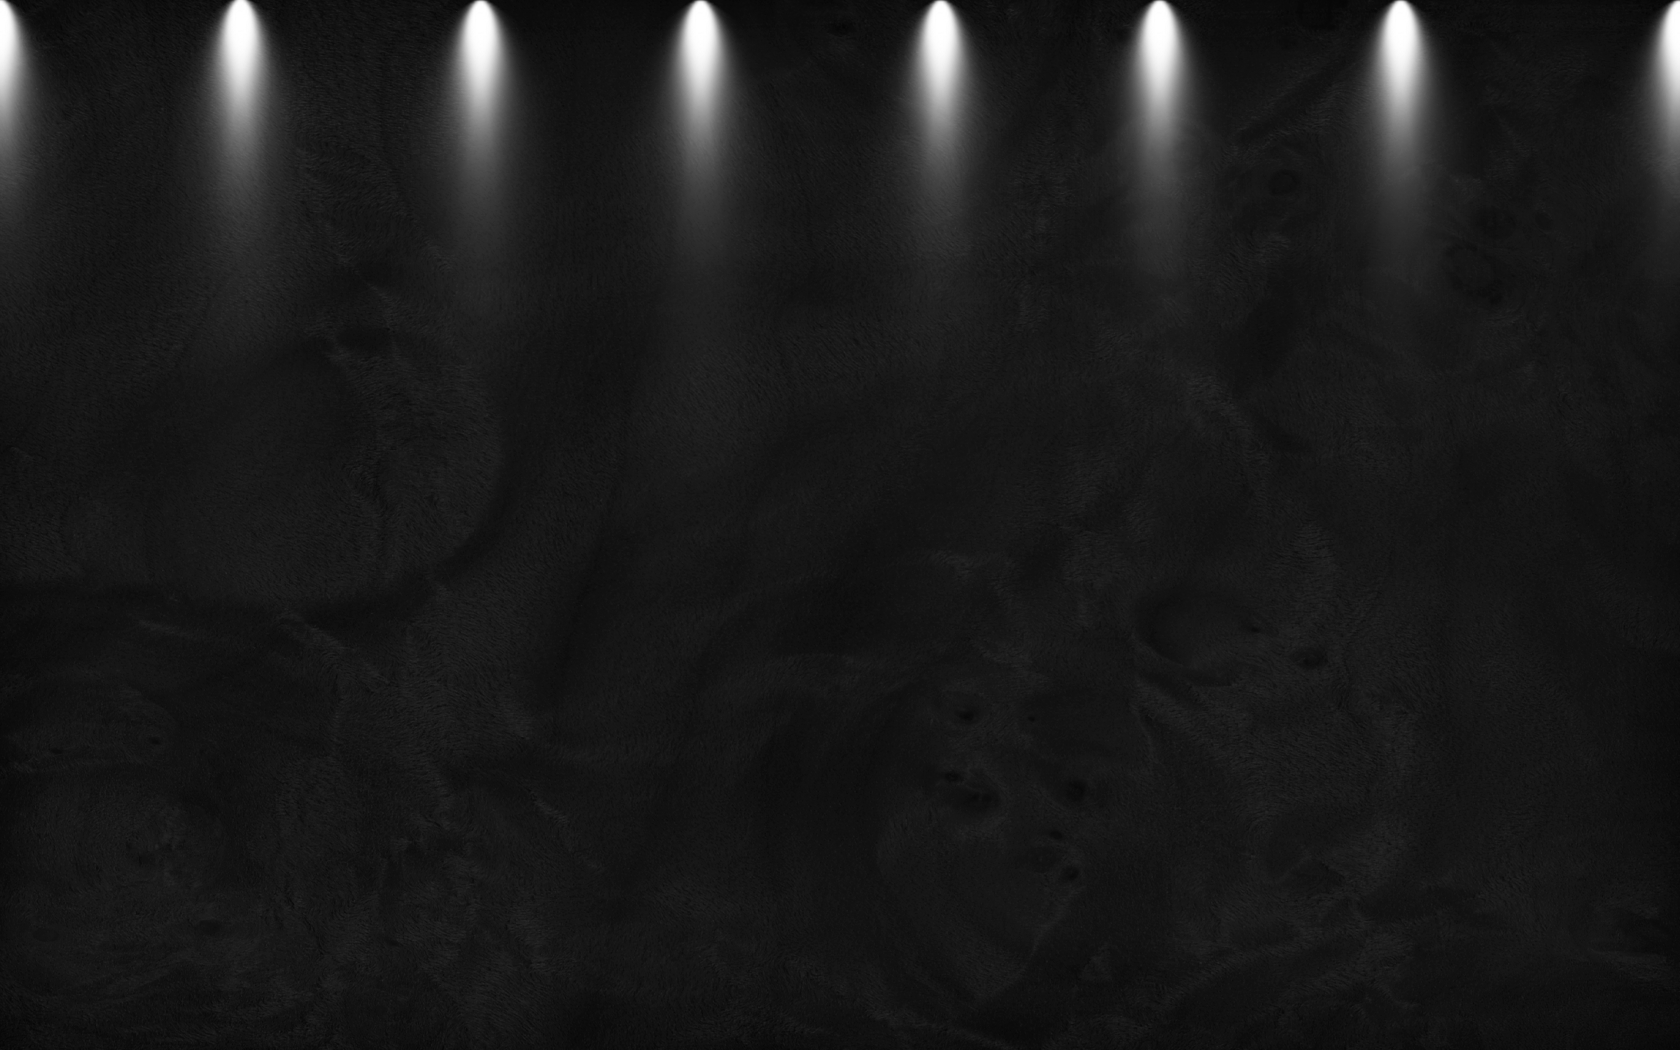 Illuminated Black Oak by monkeymagico